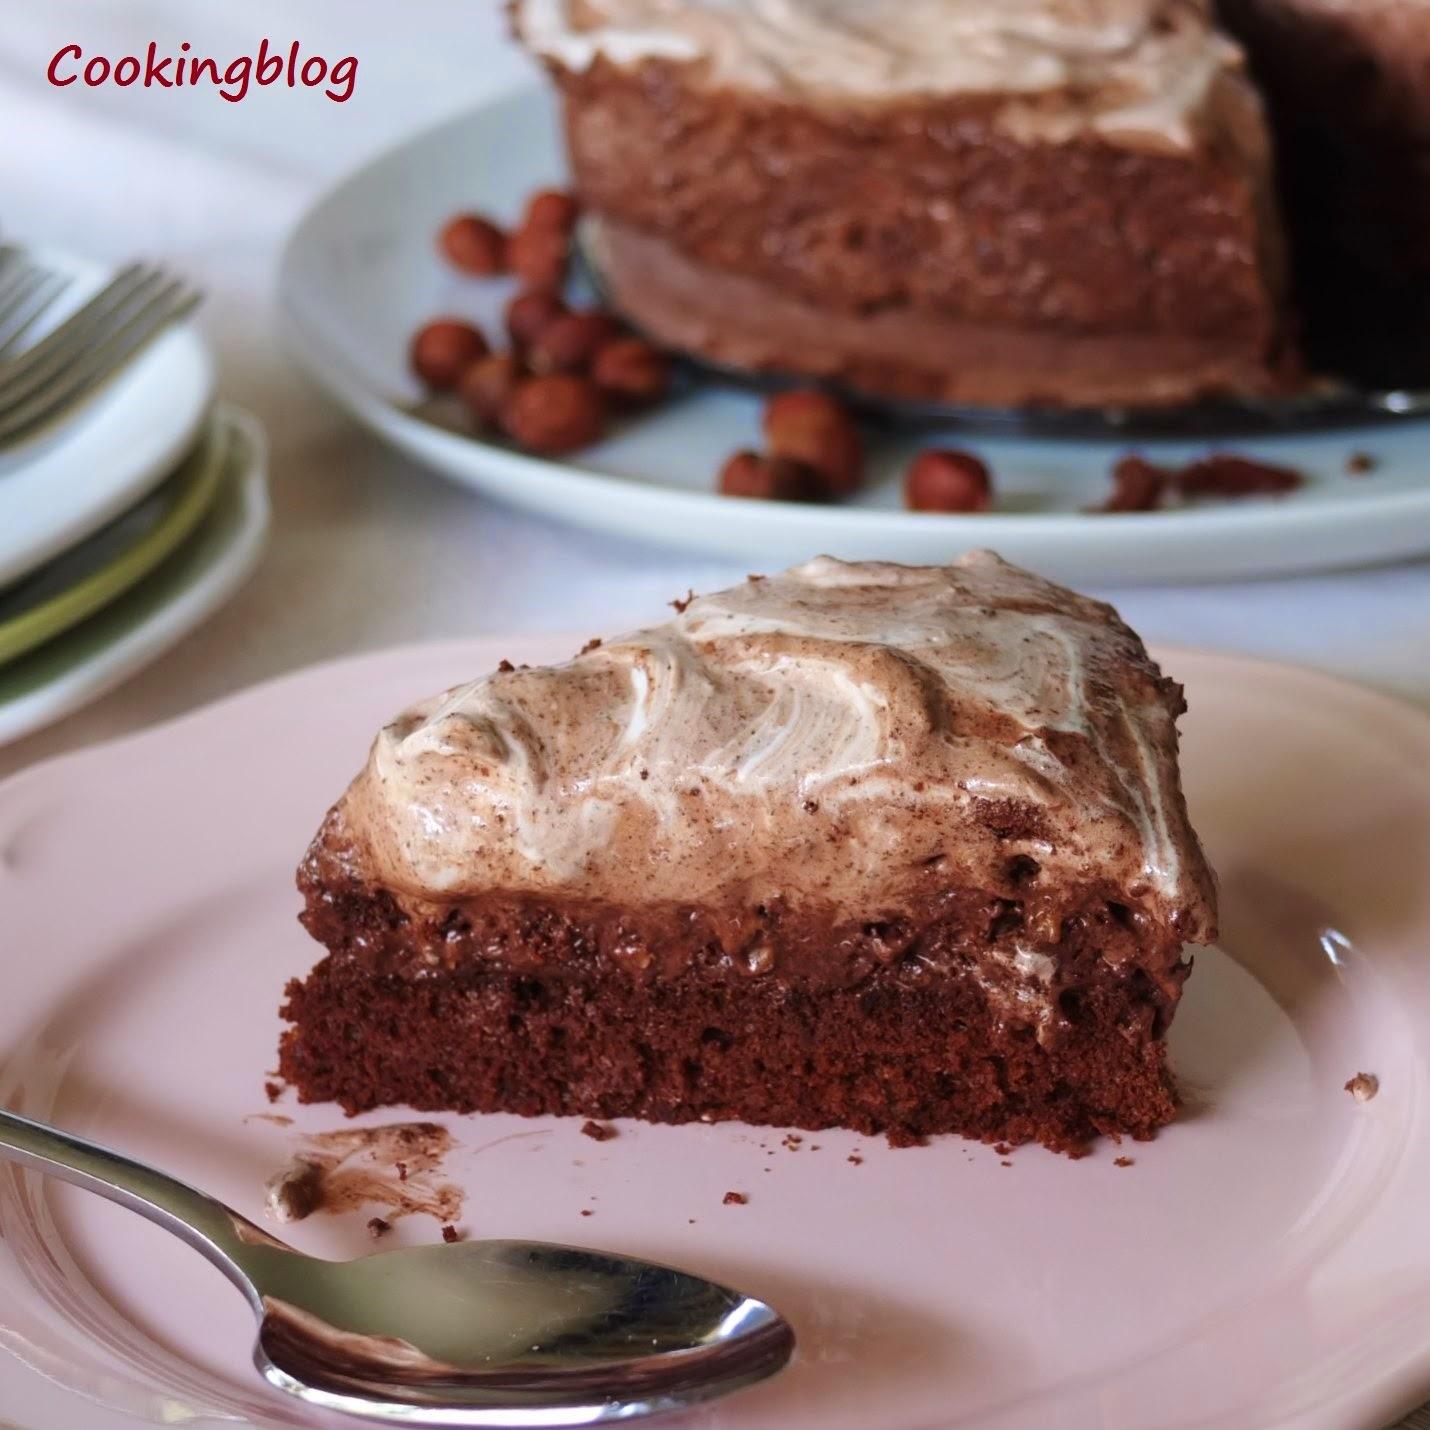 Bolo gelado de chocolate e avelãs | Chocolate Hazelnut Ice Cream Cake